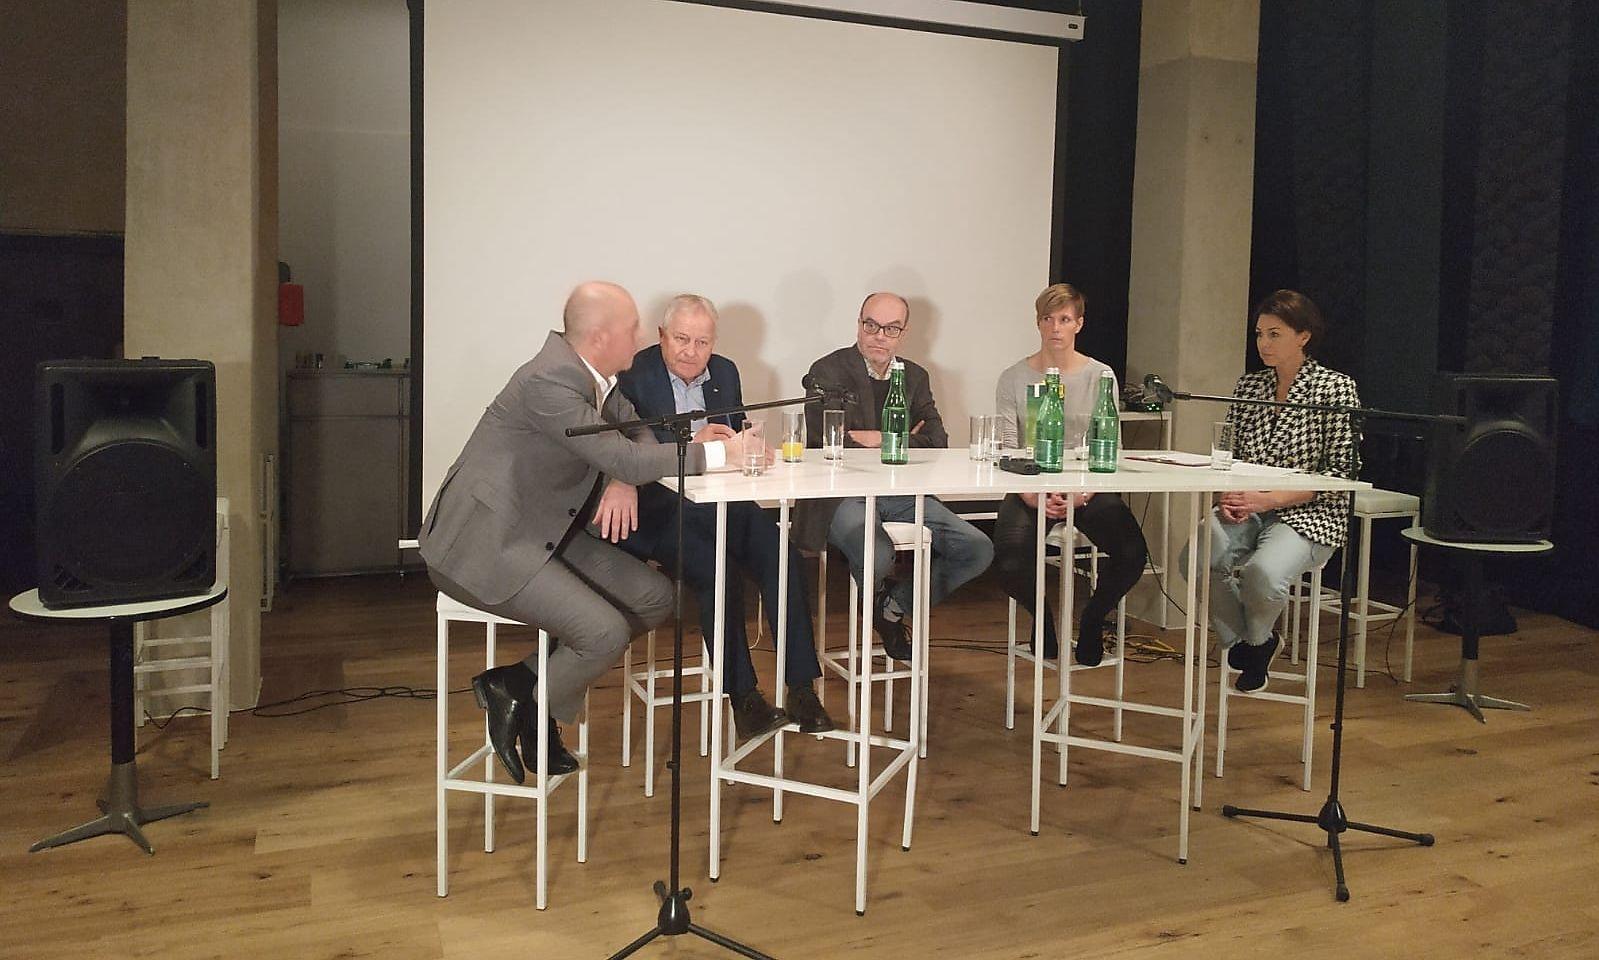 Martin Pototschnig, Leo Windtner, Wilfried Schmaus, Maria Gstöttner und Elisabeth Auer (v. l.)